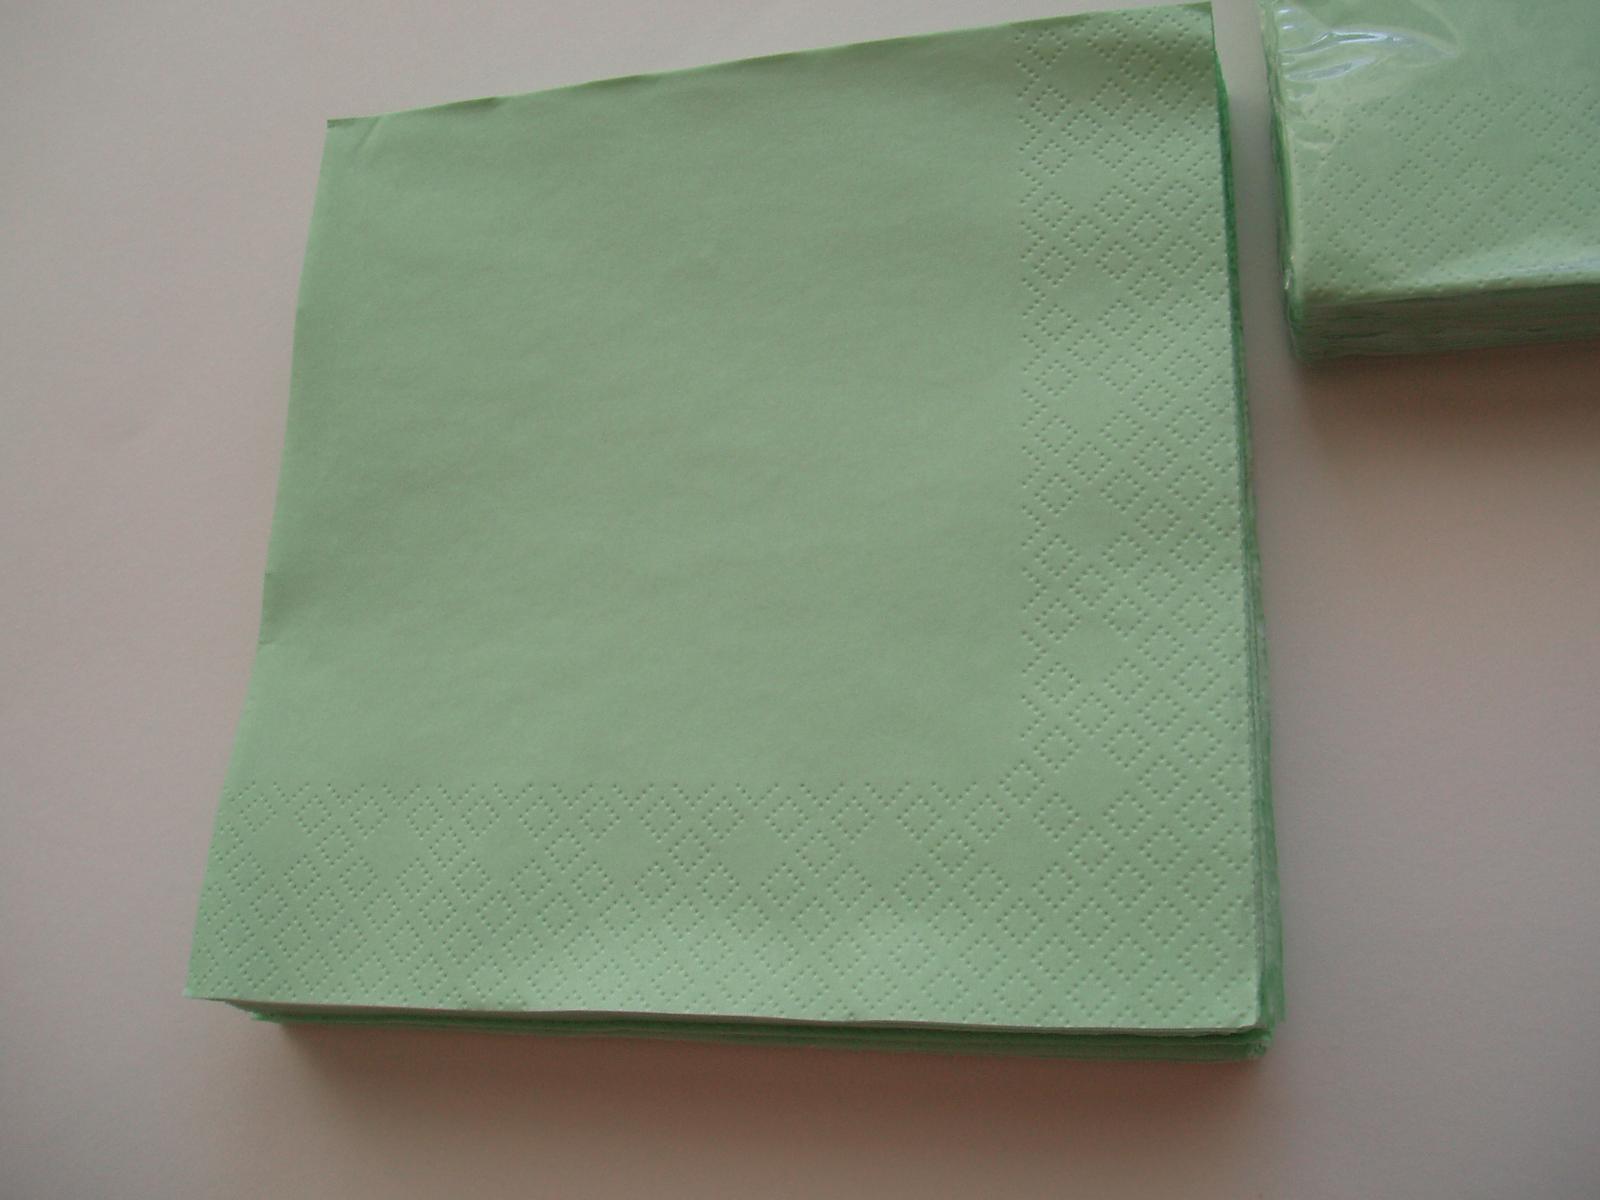 papírové ubrousky-mentolové - Obrázek č. 3